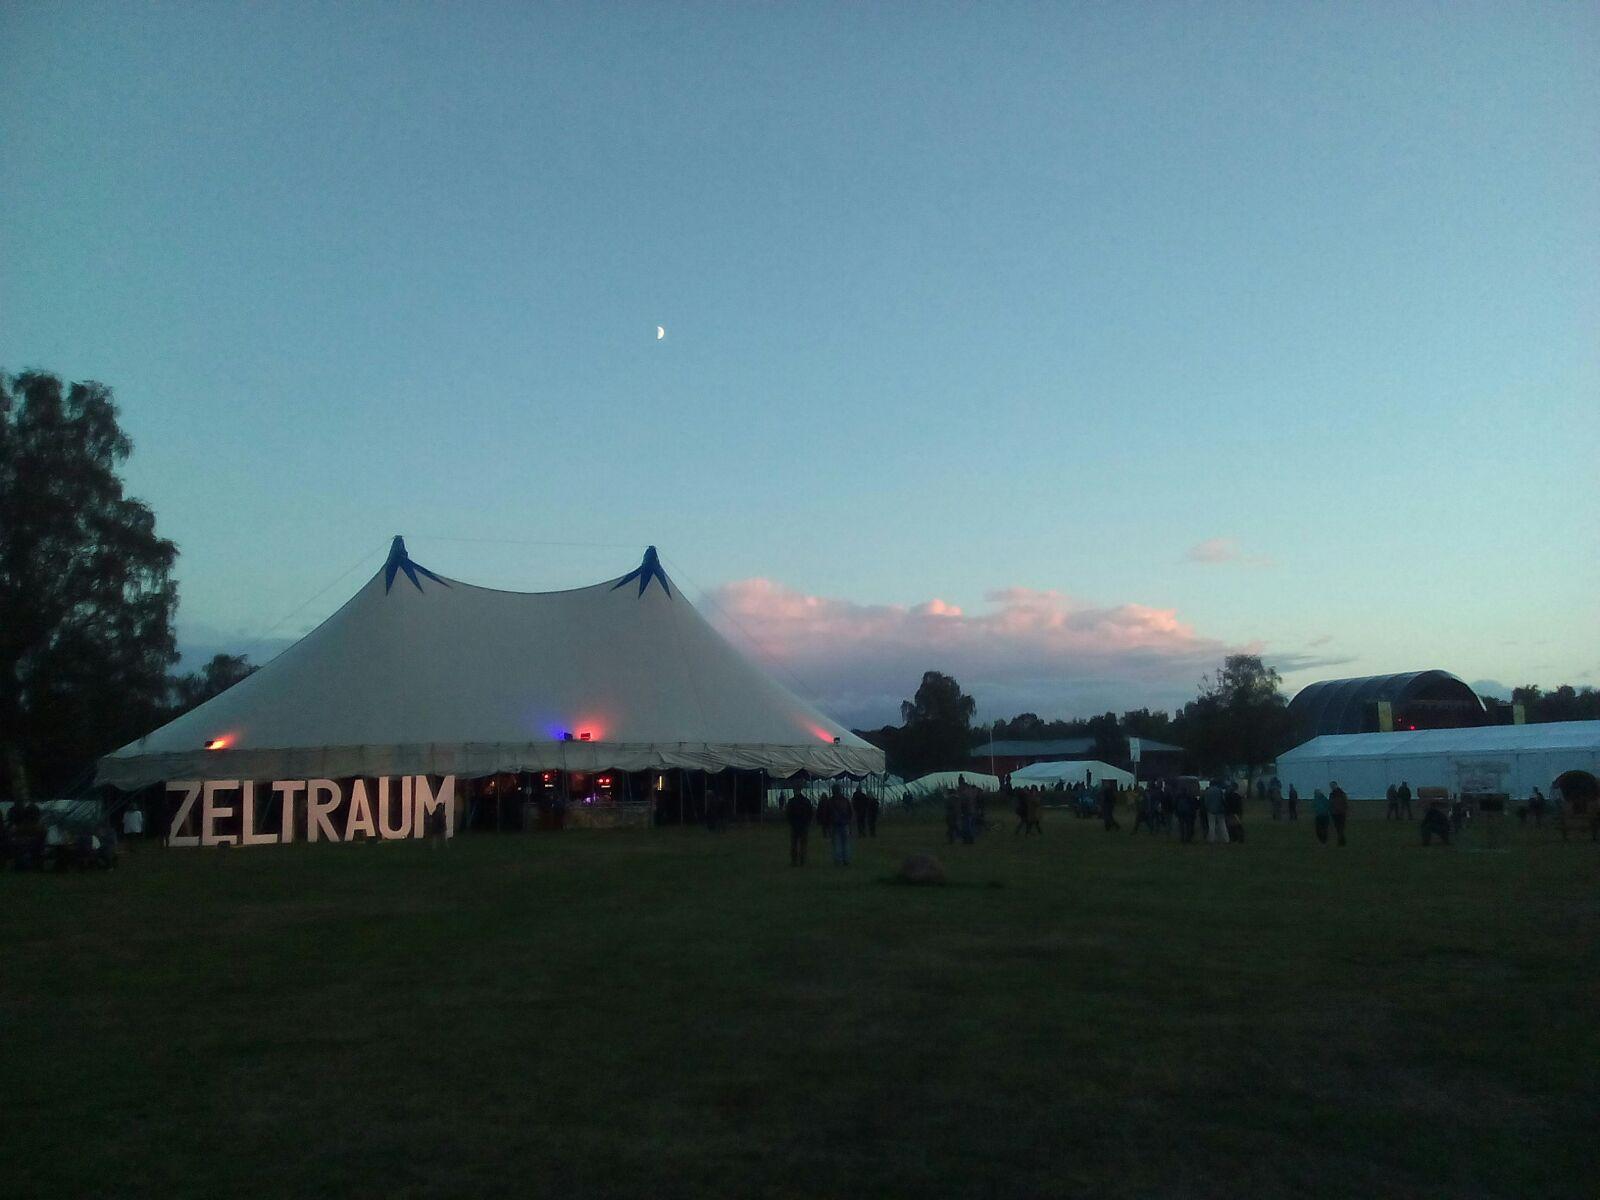 Zeltraum Festival